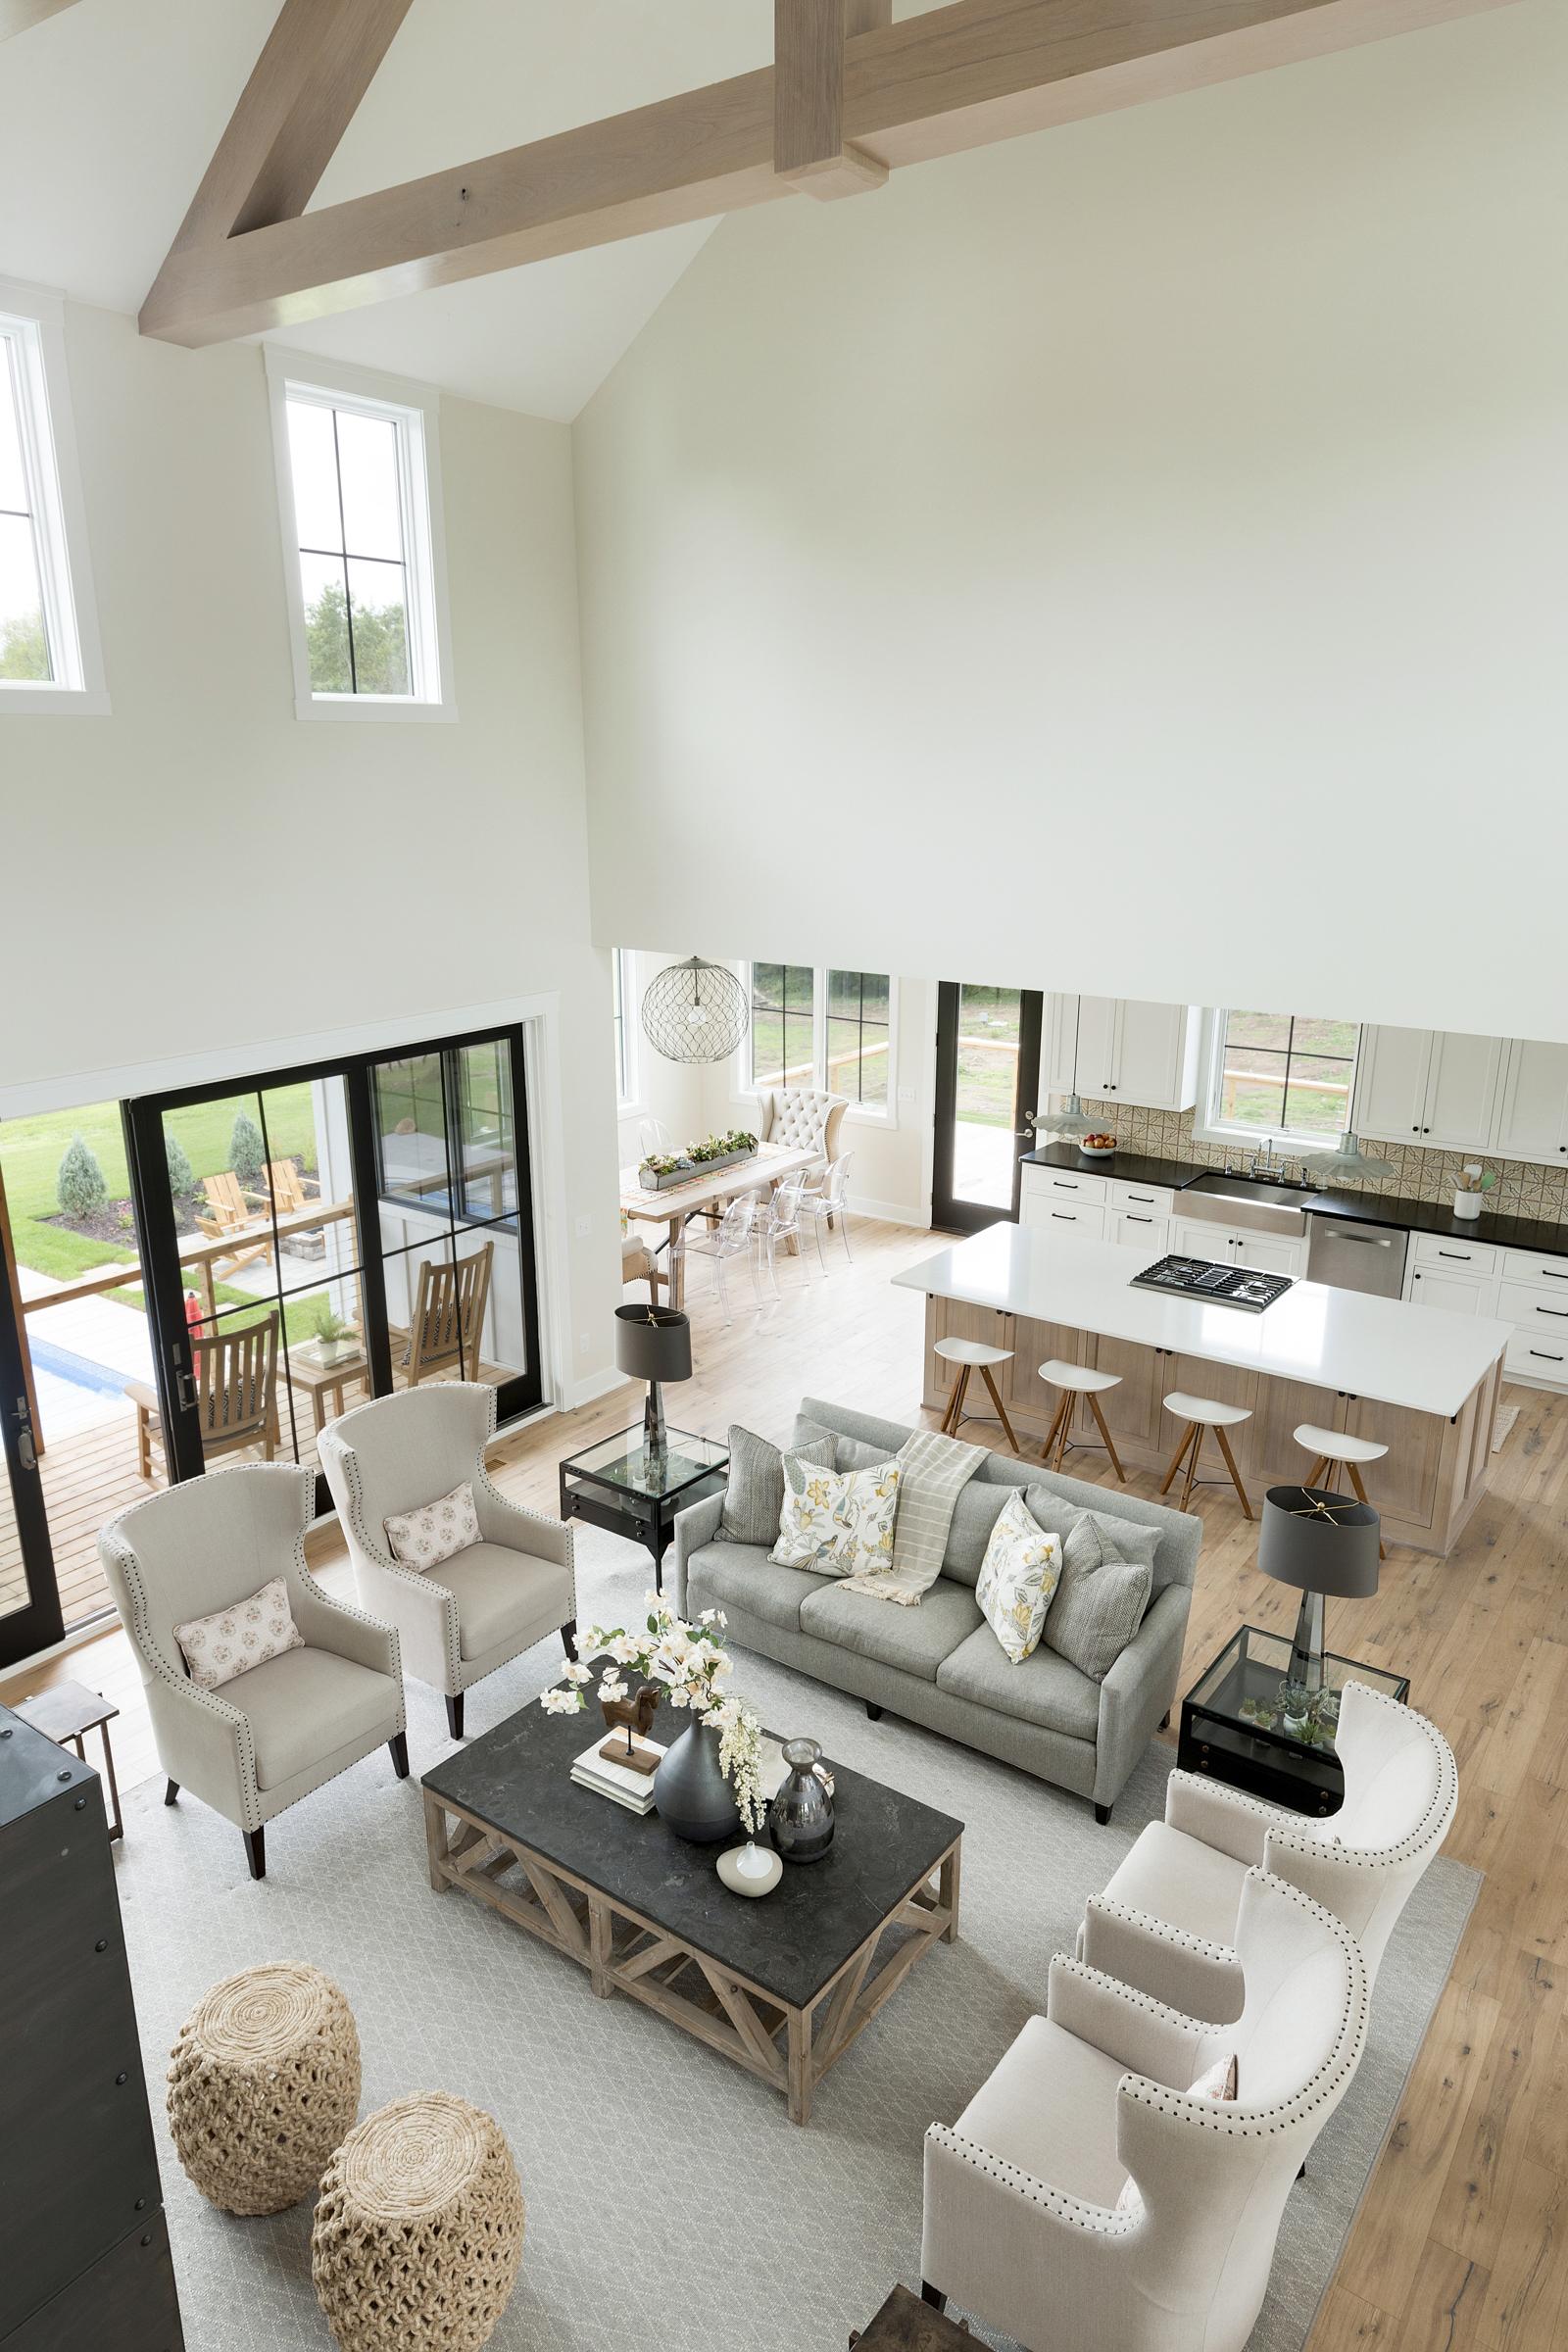 Home_Designer_StillwaterMN_18.jpg